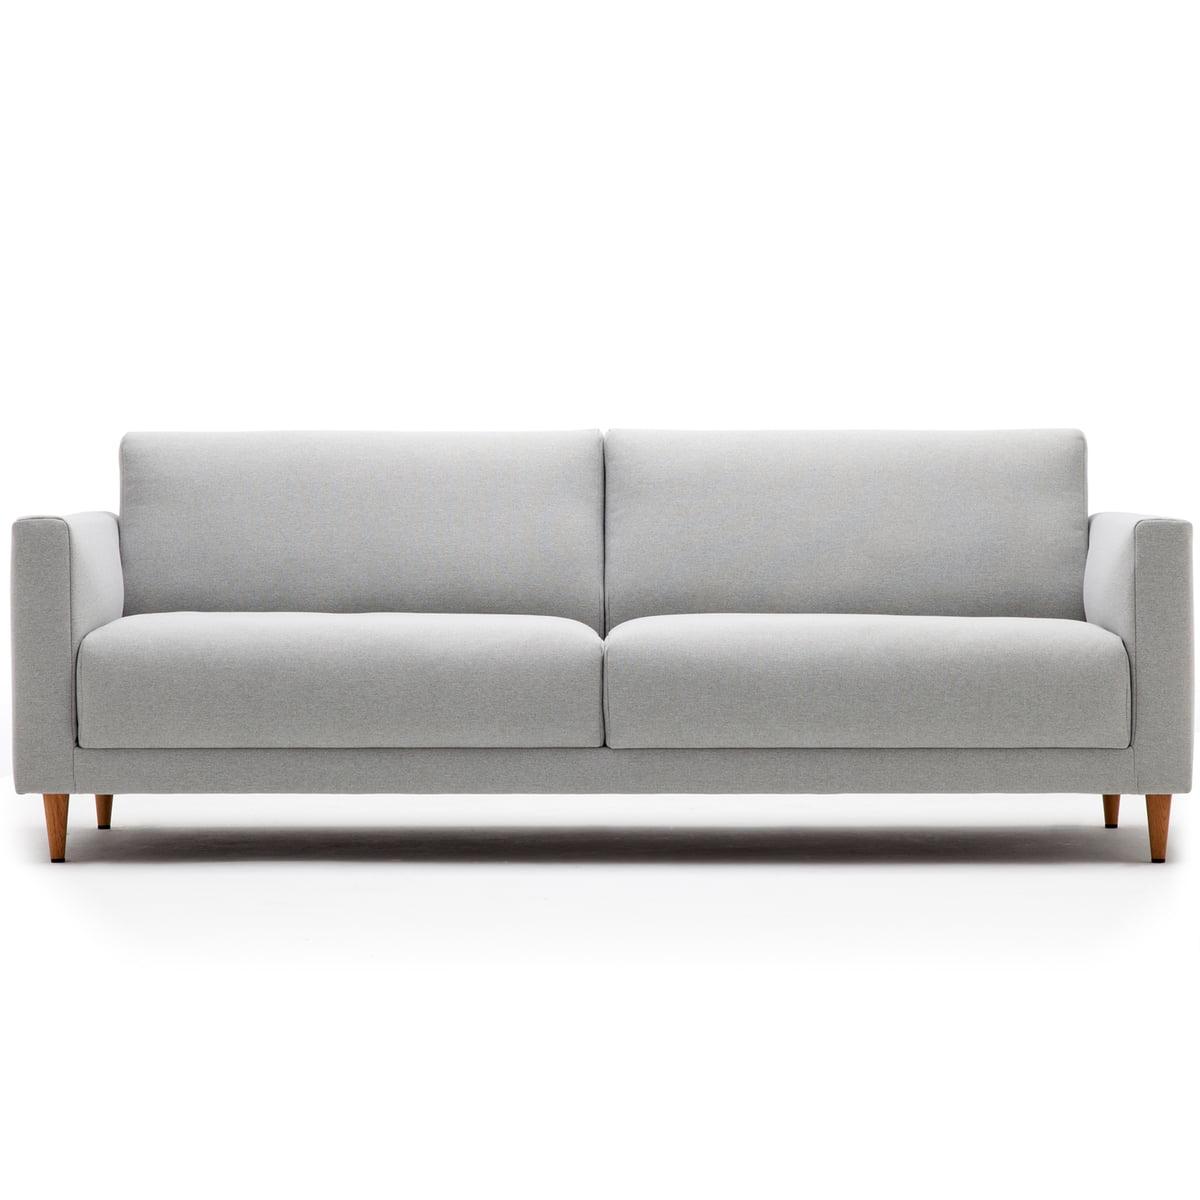 Perfekt 141 Sofa 3 Sitzer, L 190 Cm Von Freistil Mit Kegelfuß Eiche Natur /